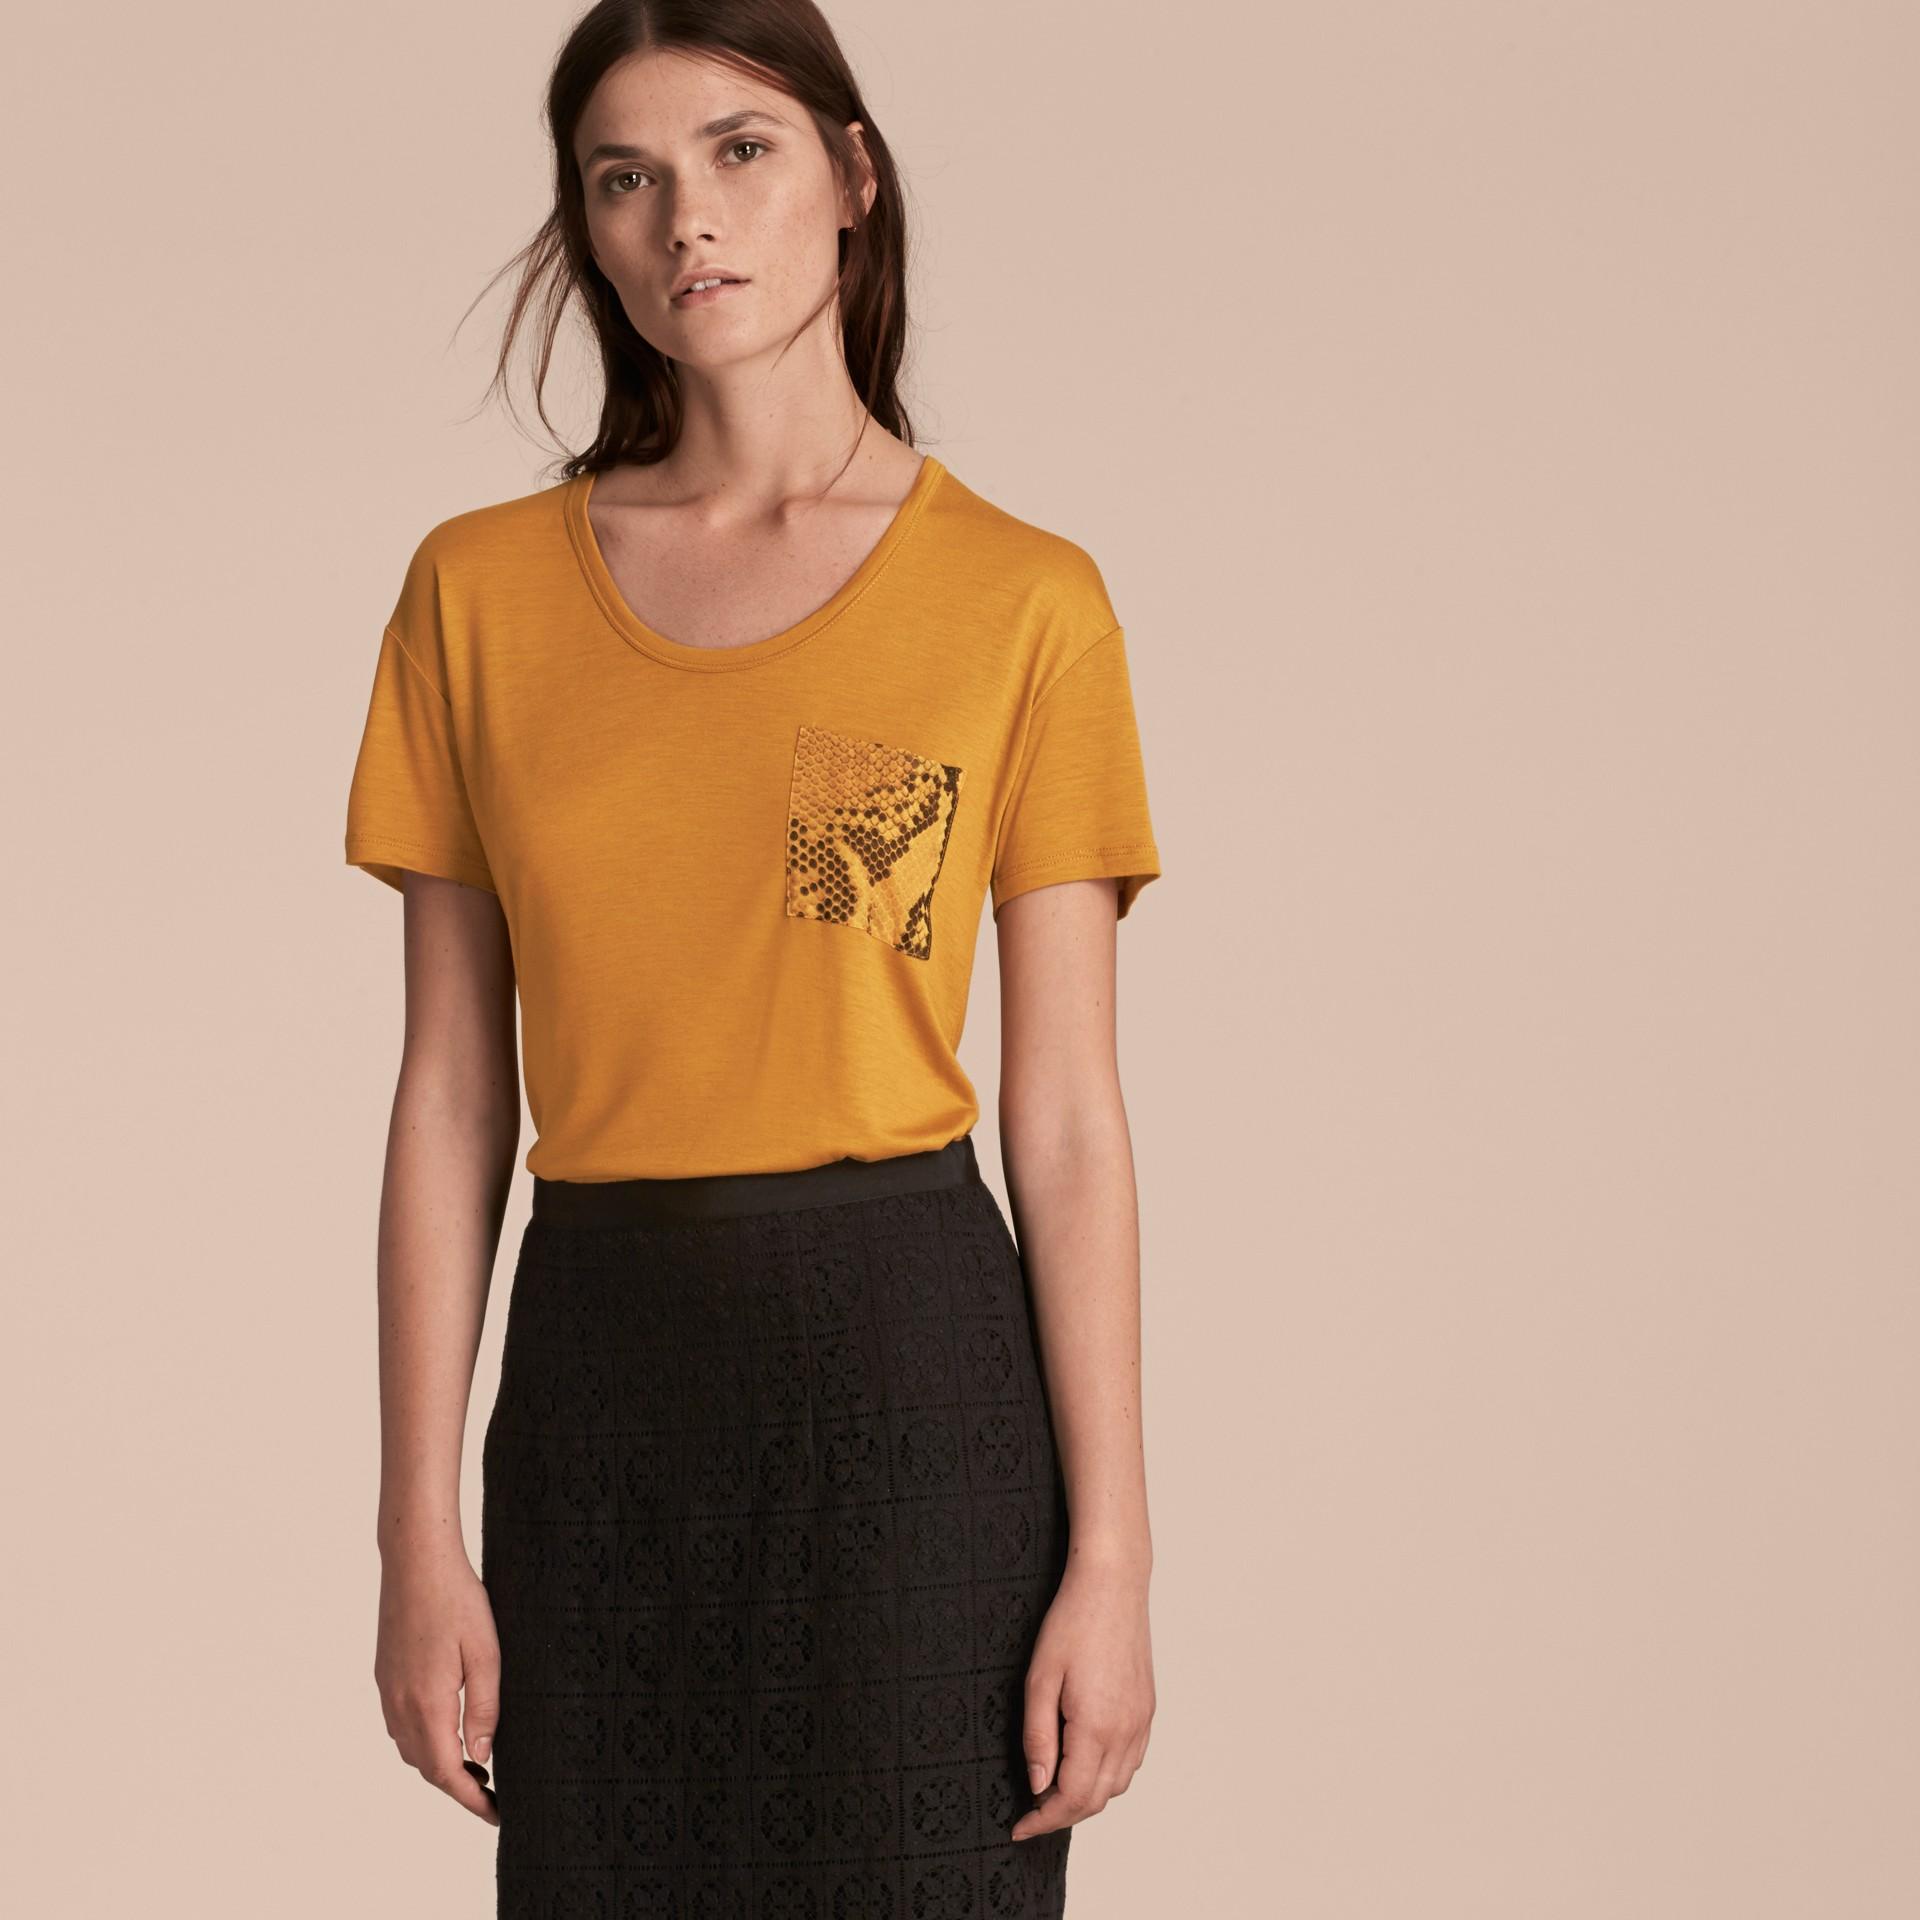 Ambra T-shirt con dettaglio con stampa pitone Ambra - immagine della galleria 6